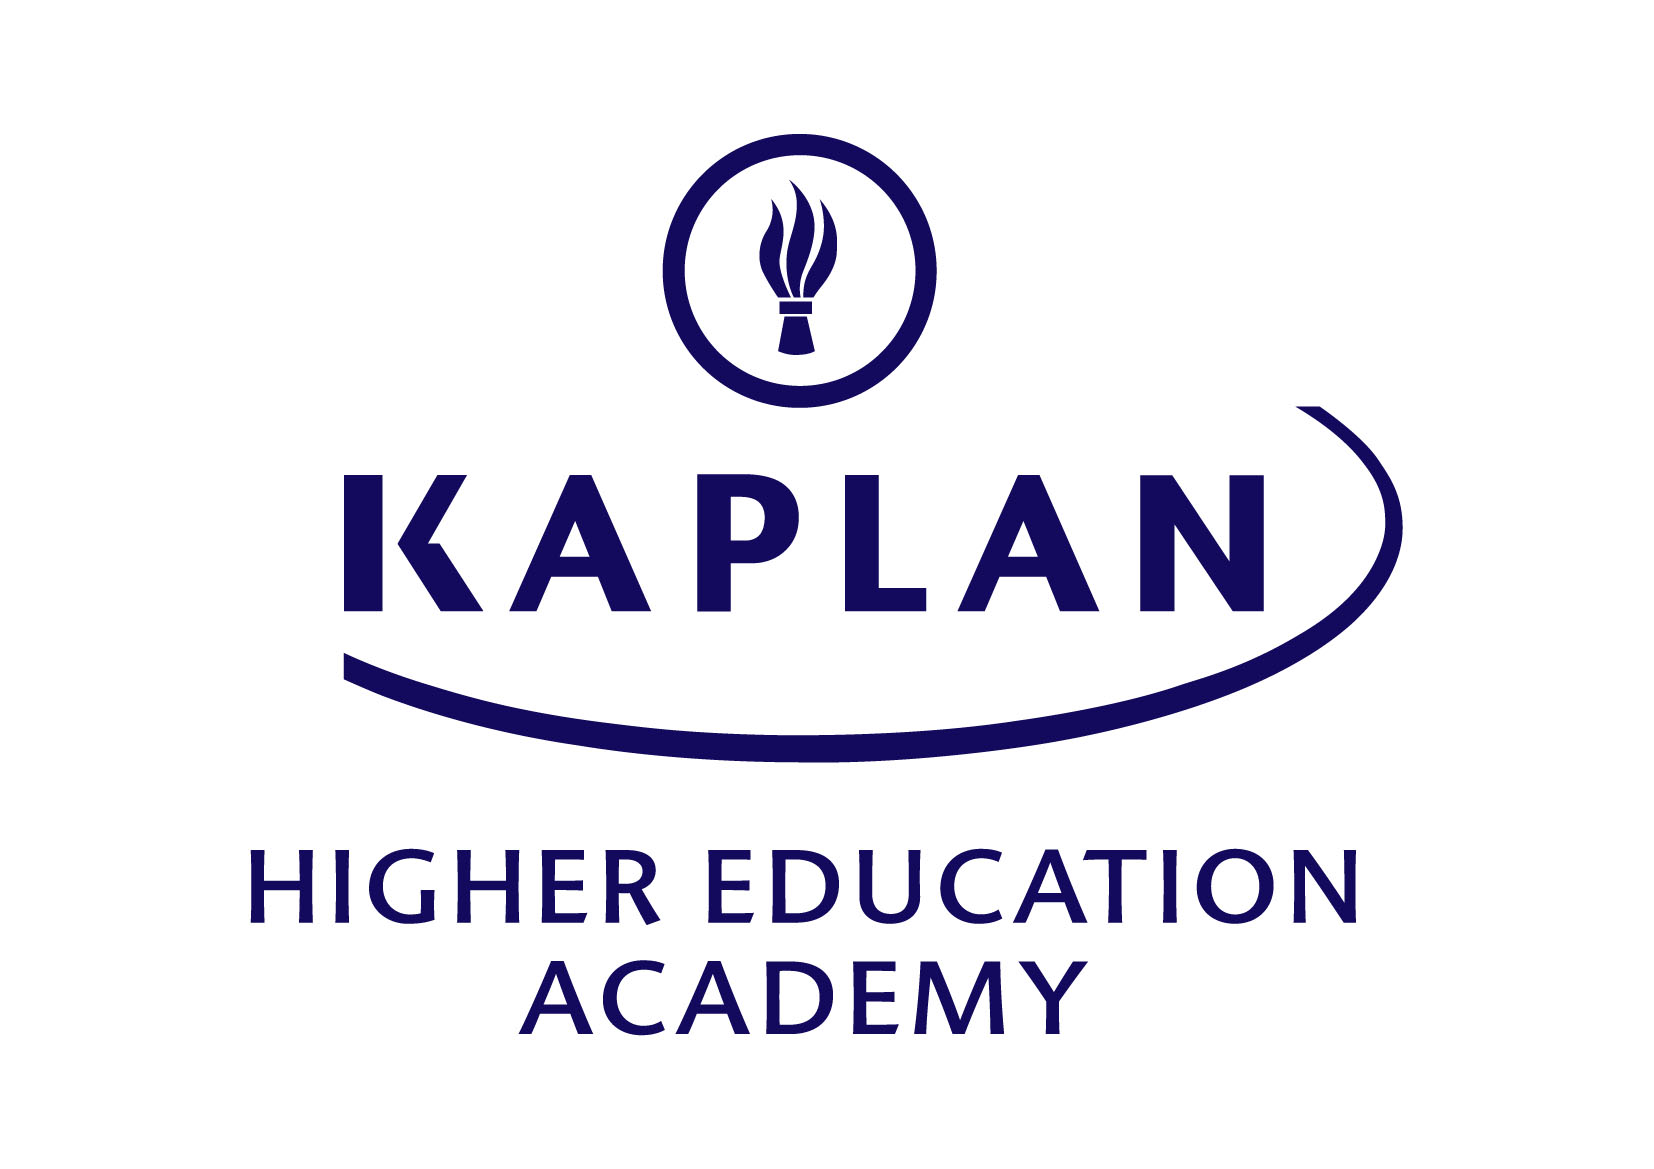 Học viện Kaplan Singapore tuyển sinh nhiều ngành hot